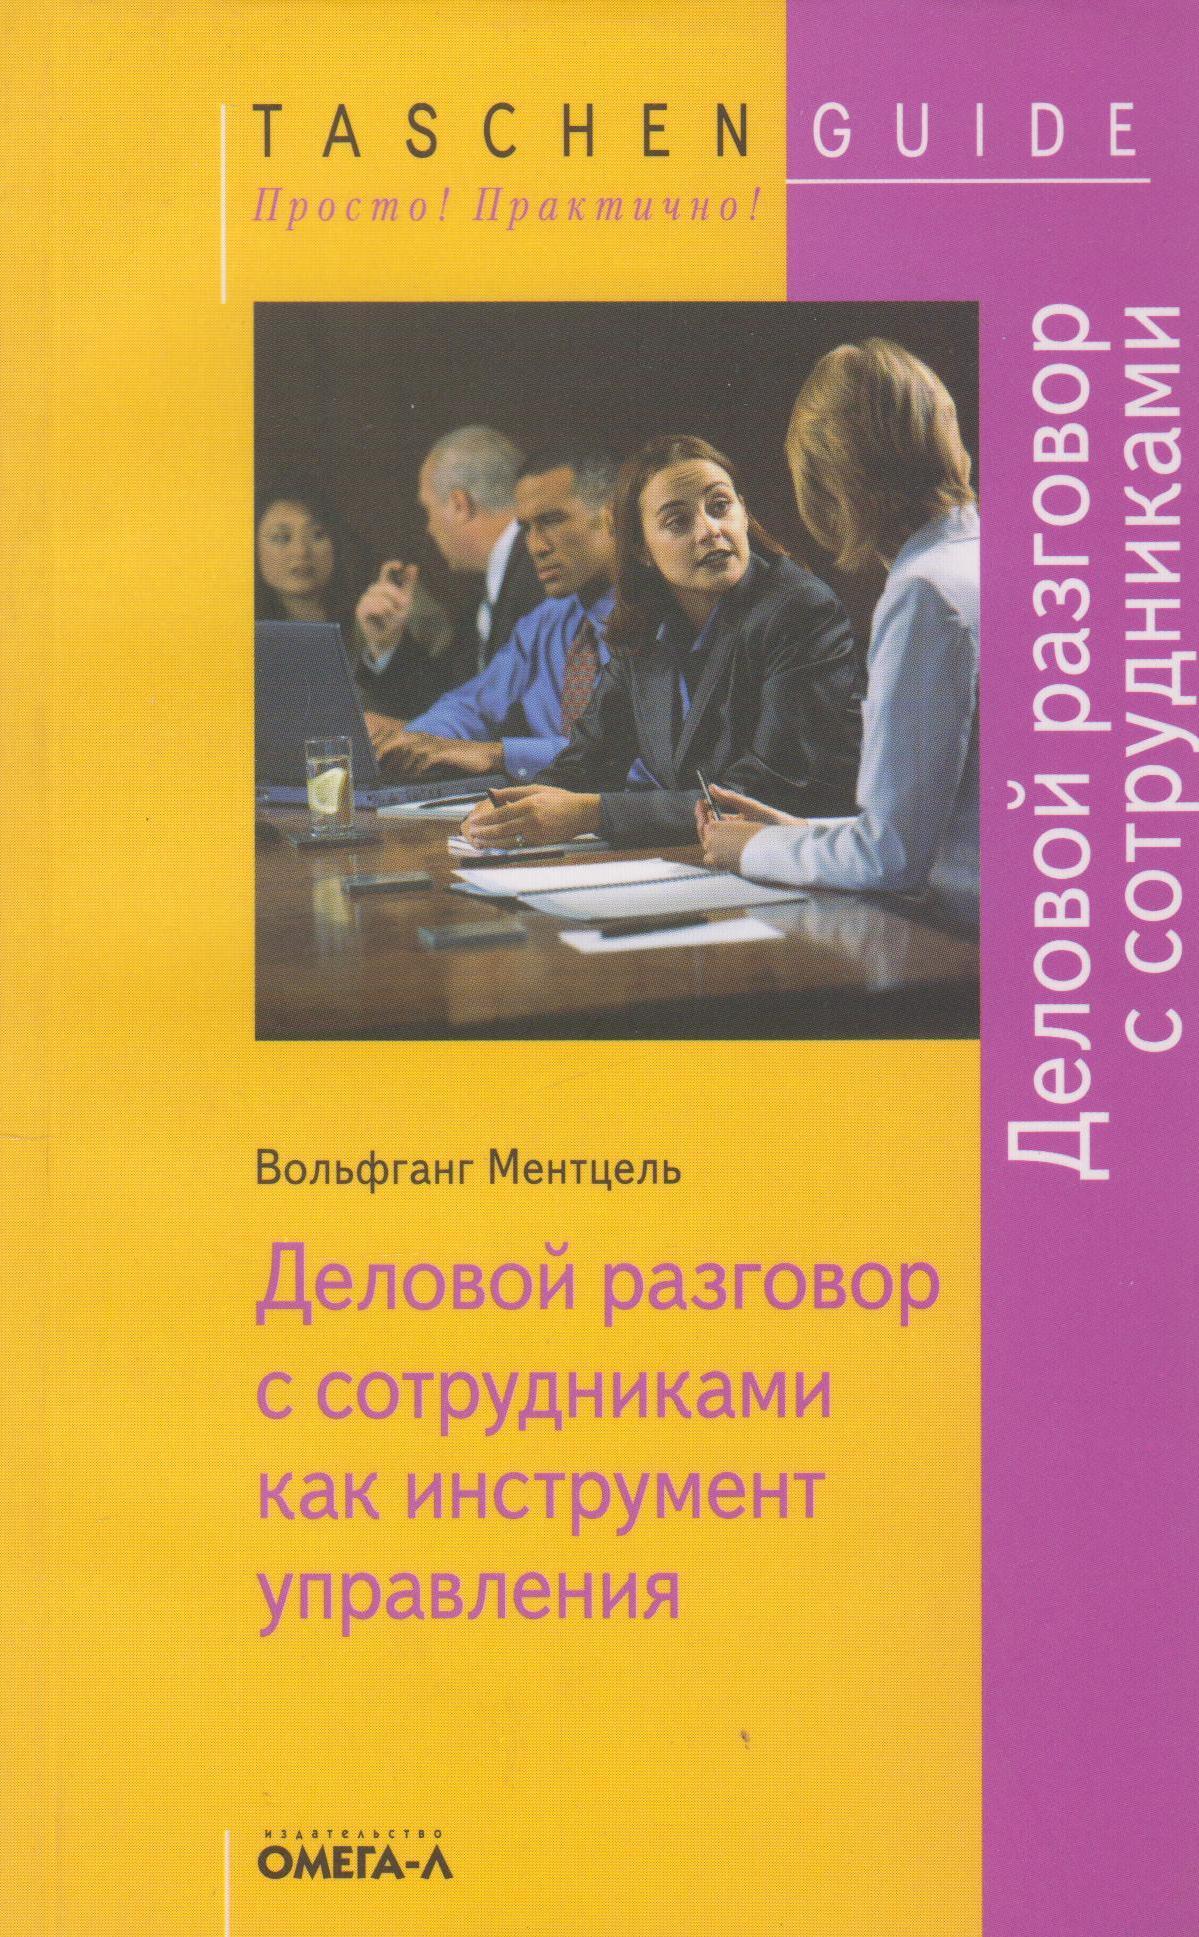 Ментцель Вольфганг Деловой разговор с сотрудниками как инструмент управления